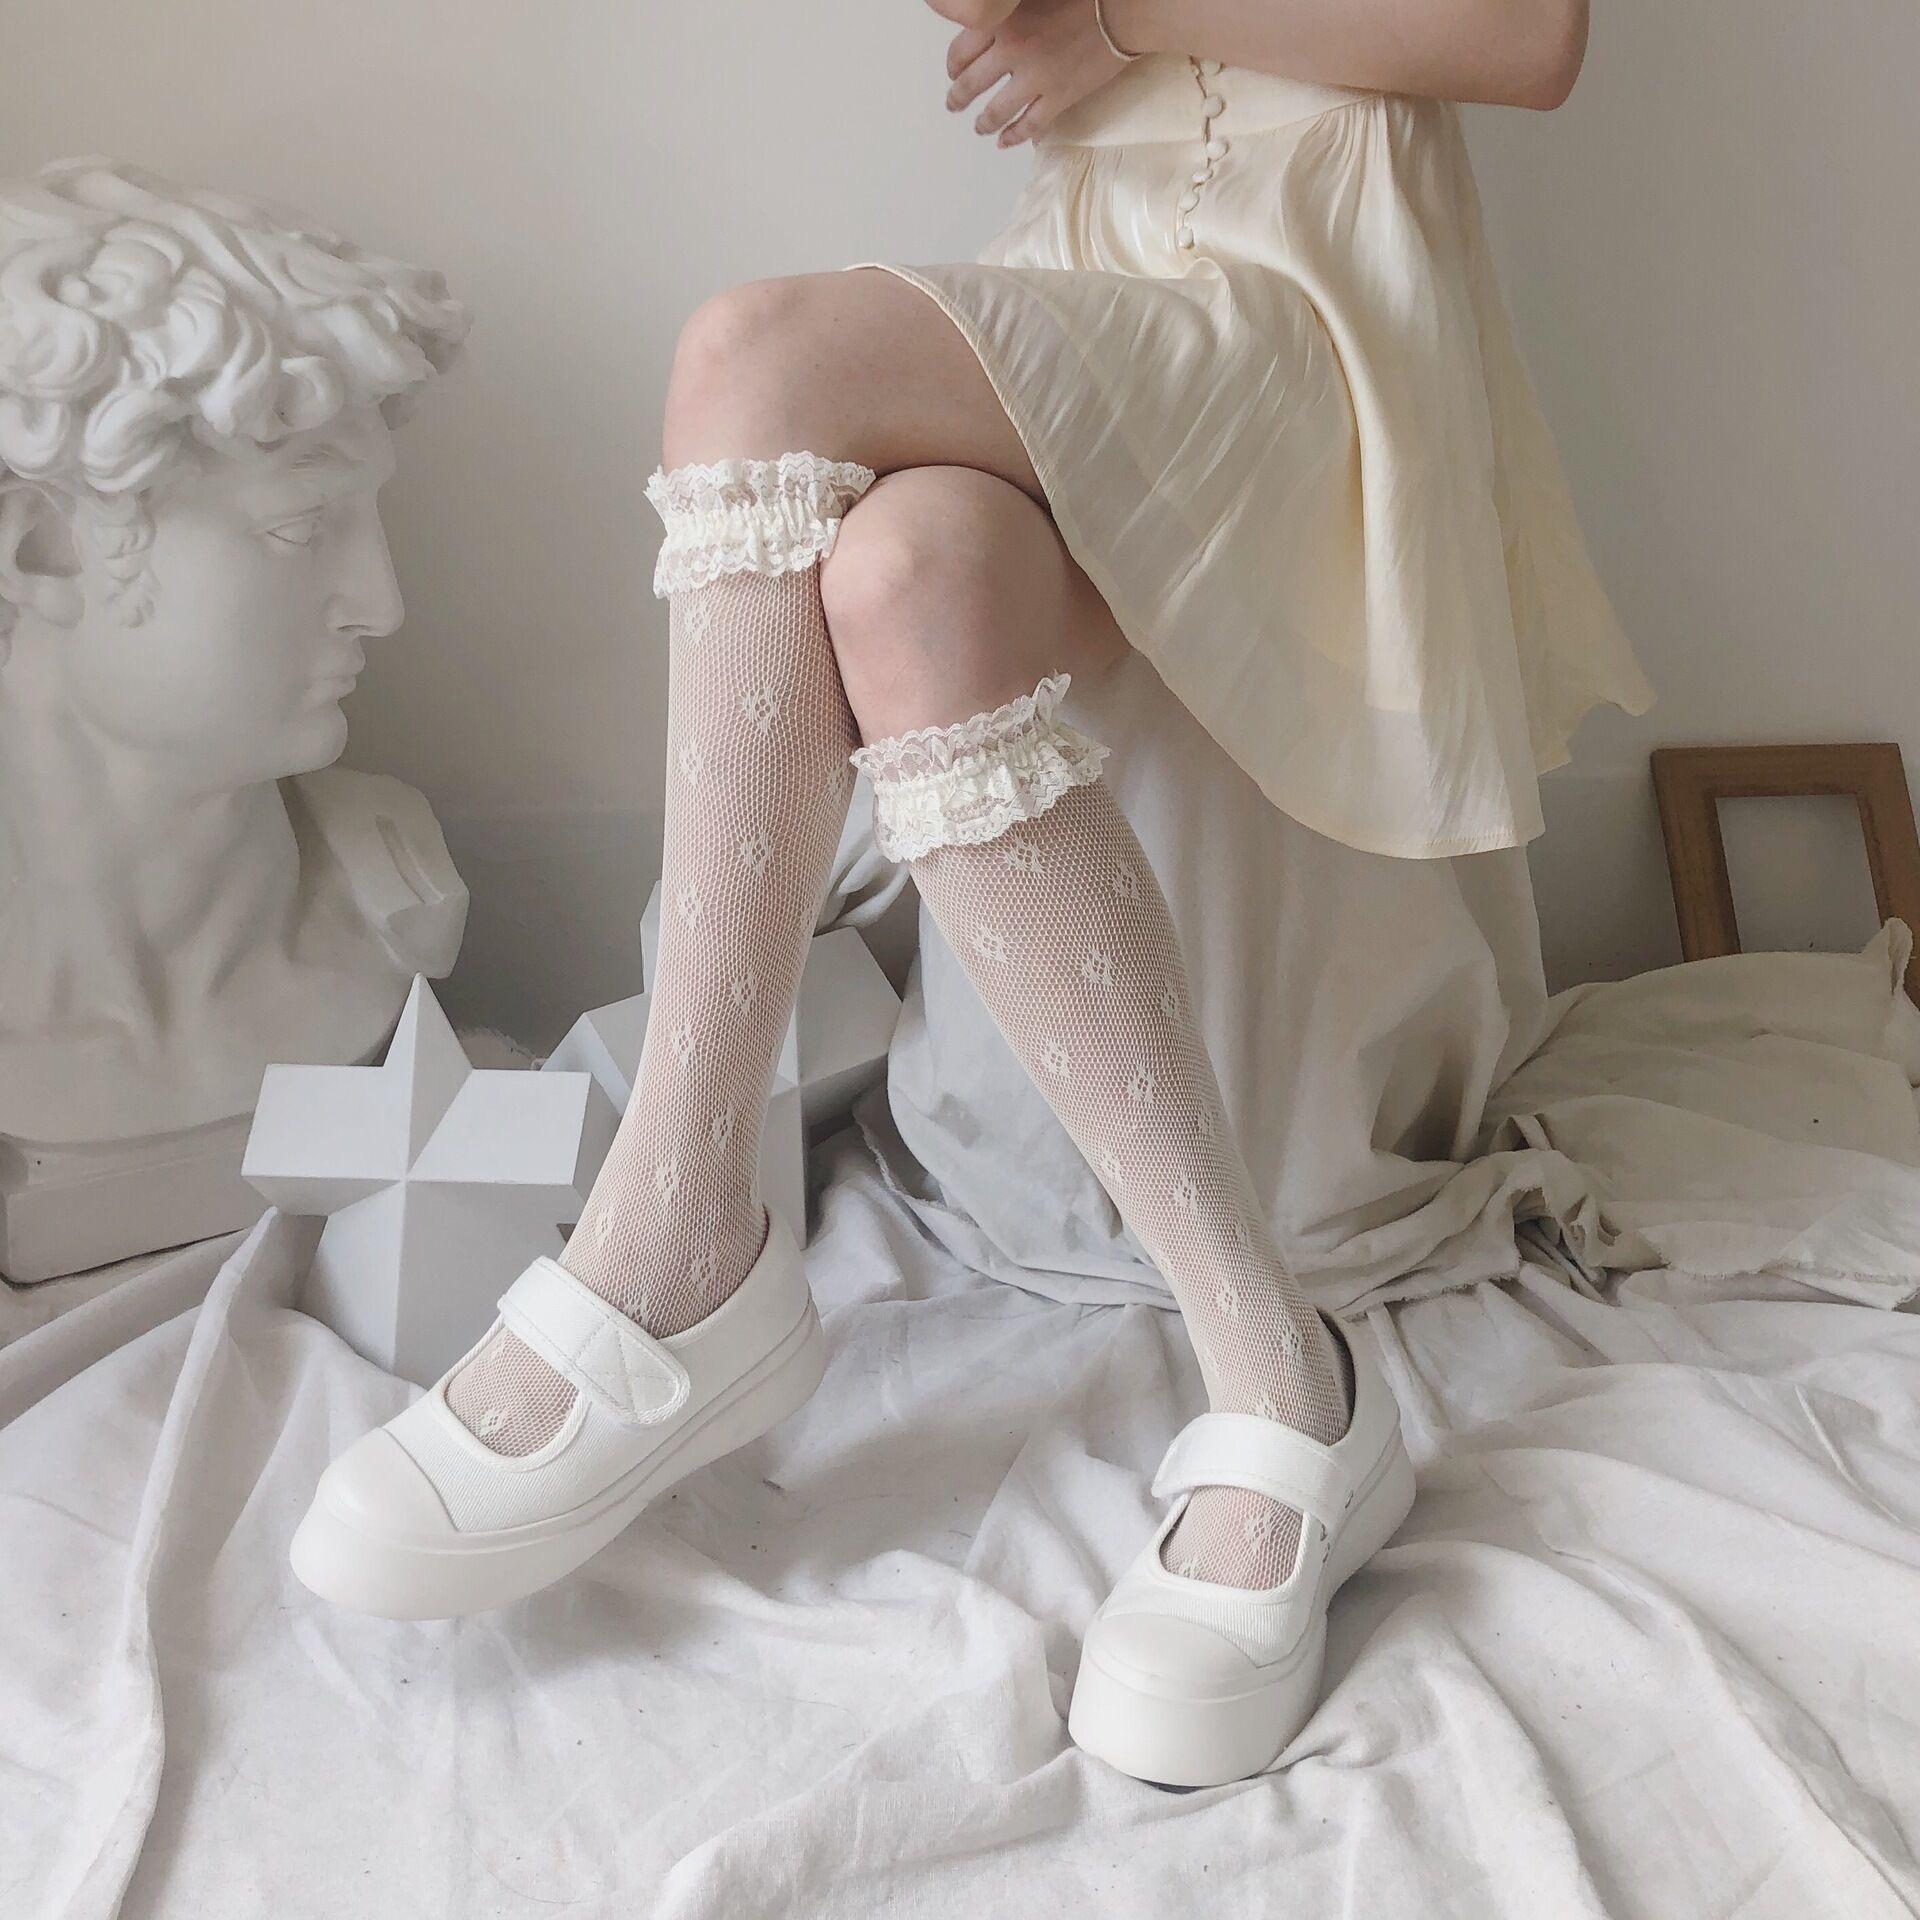 flower pattern lace frill socks 3c's